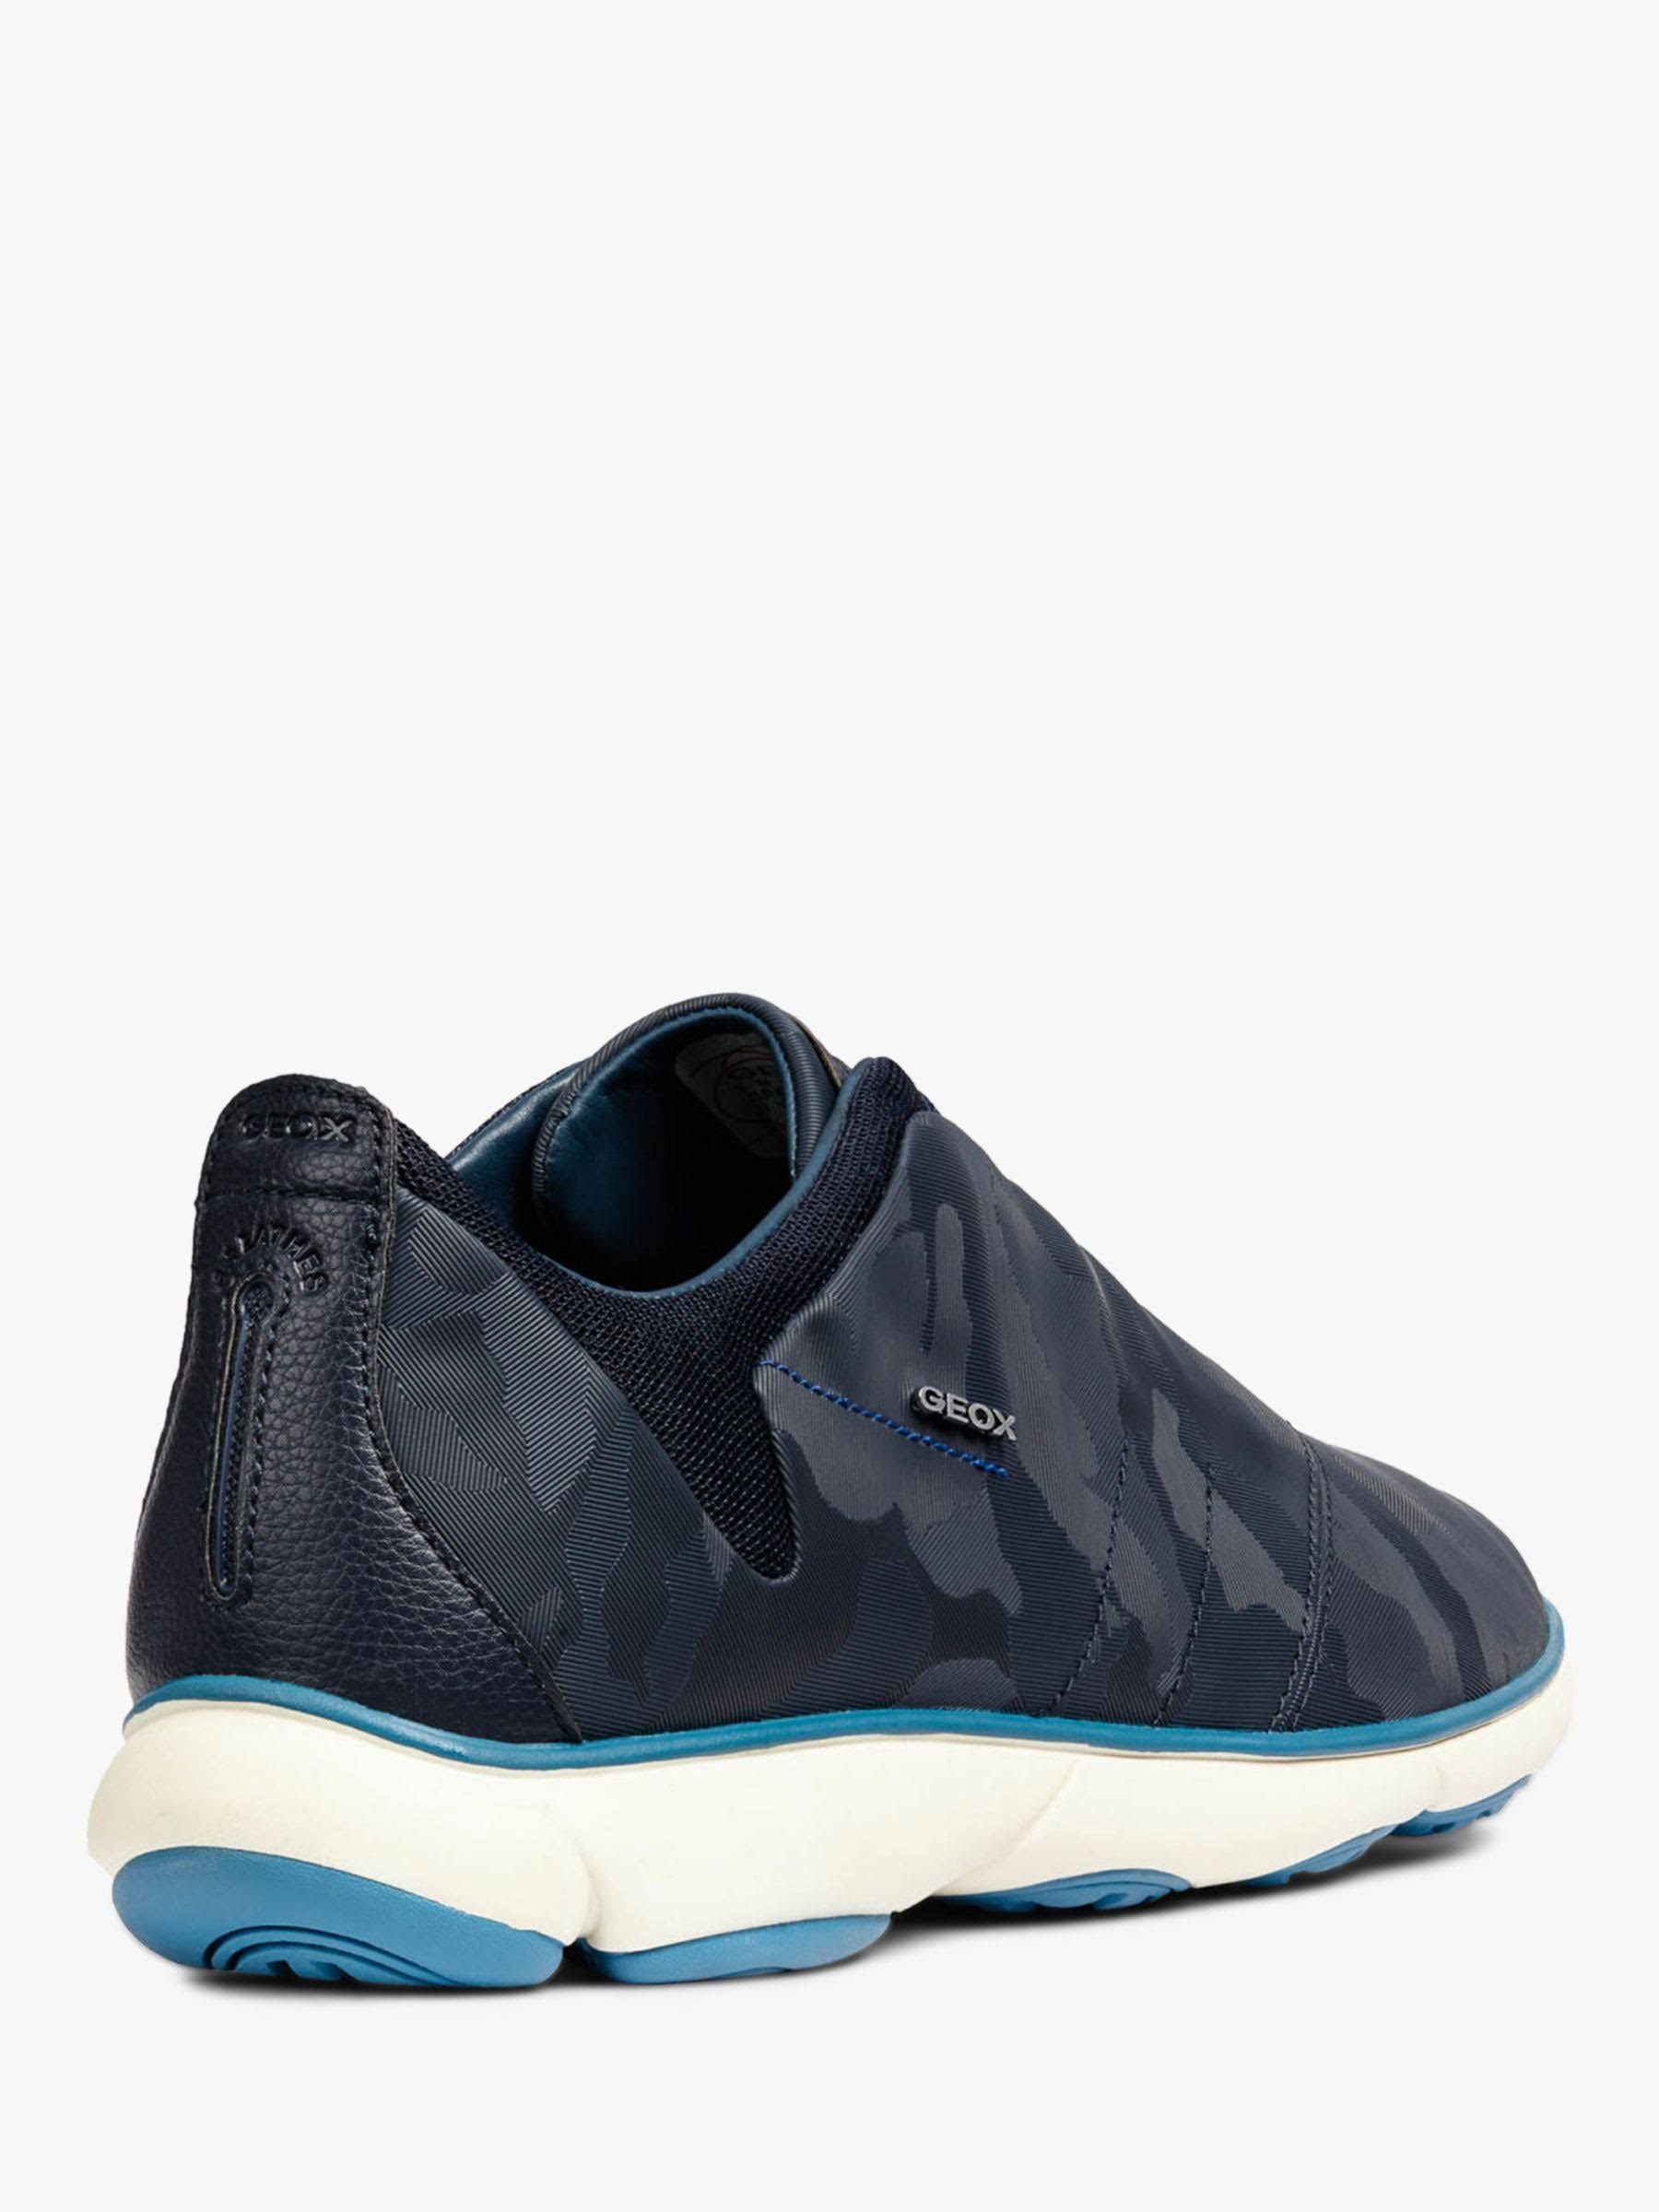 taglia UomoNavy 40 8058279483583 su Sneakers U62d7f scarpe Offerte Geox lKJ3FTc1